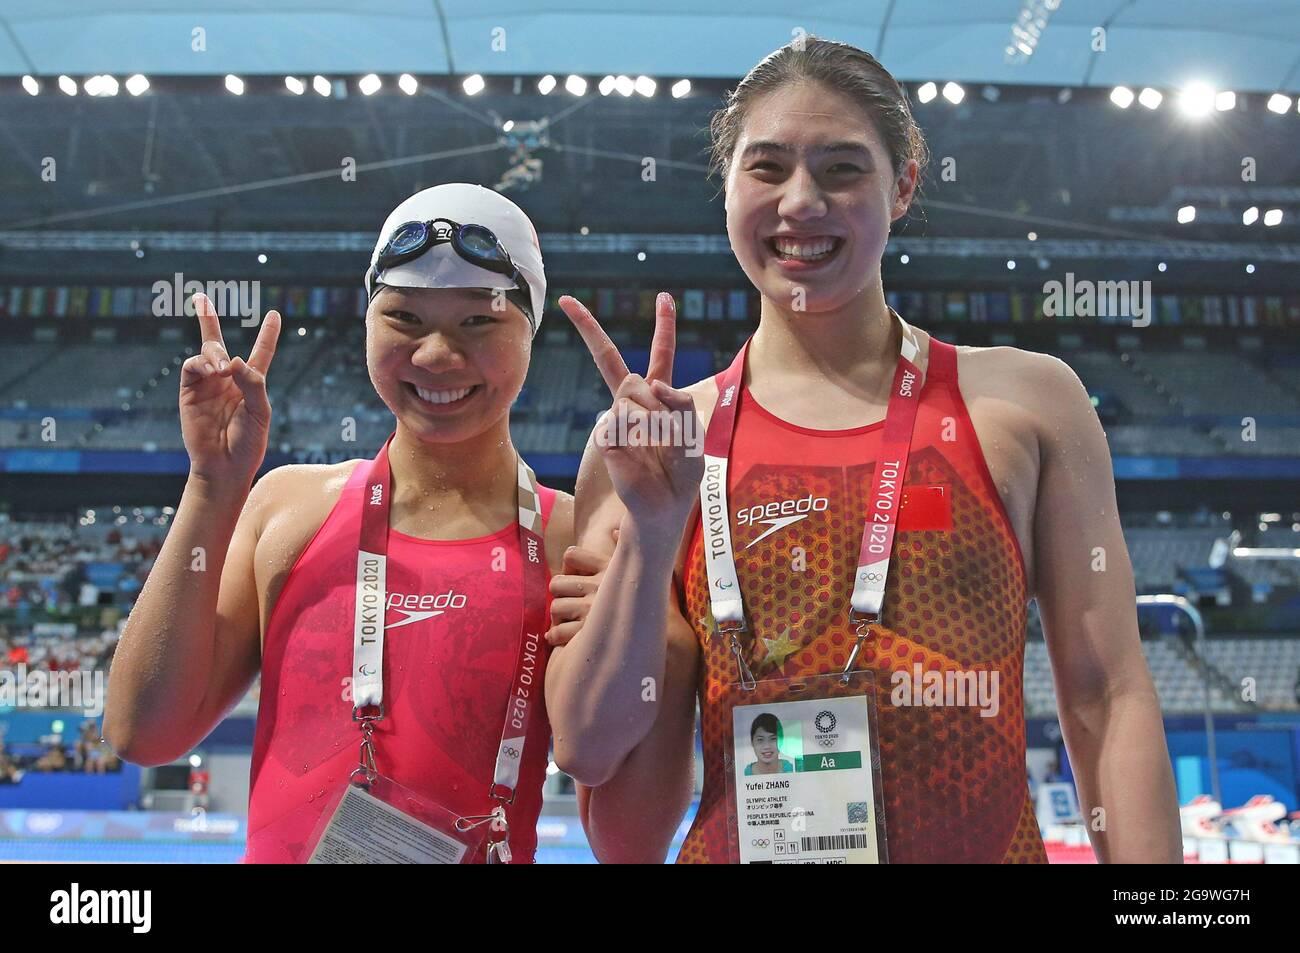 Tokyo, Japon. 28 juillet 2021. Zhang Yufei (R) et Yu Liyan de Chine posent après la demi-finale féminine de 200m aux Jeux Olympiques de Tokyo 2020 à Tokyo, Japon, le 28 juillet 2021. Credit: Ding Xu/Xinhua/Alamy Live News Banque D'Images